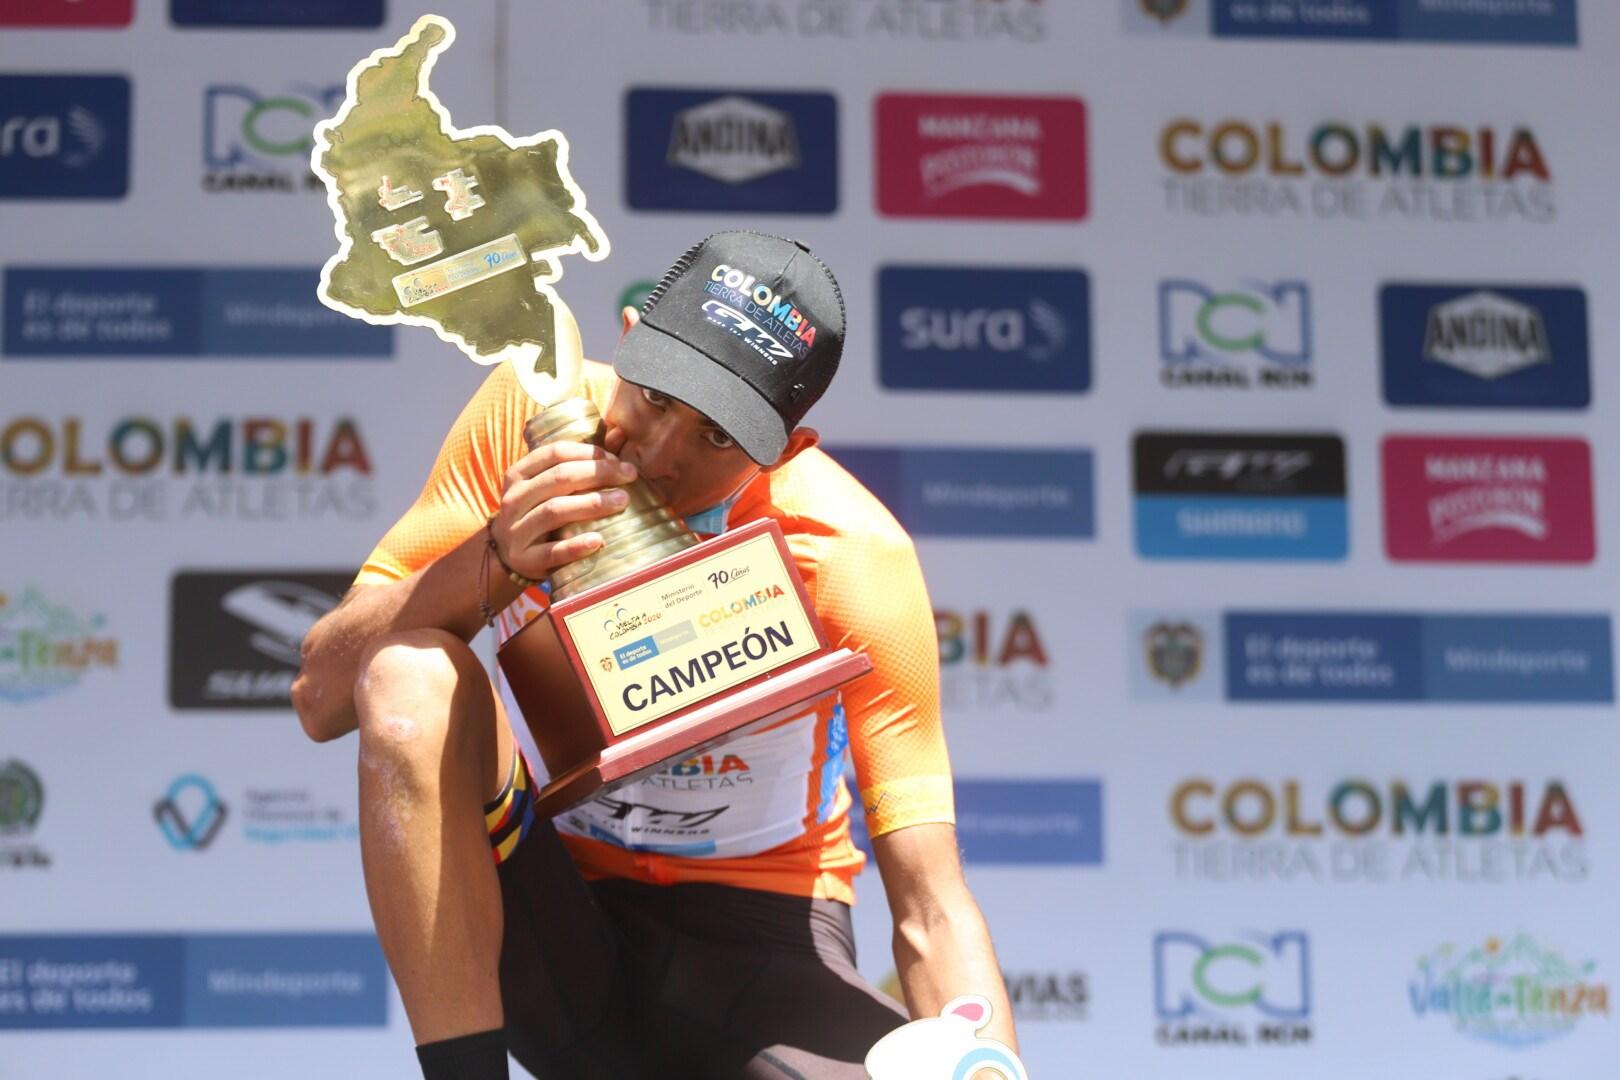 Ciclismo: Colombia es Tierra de Atletas